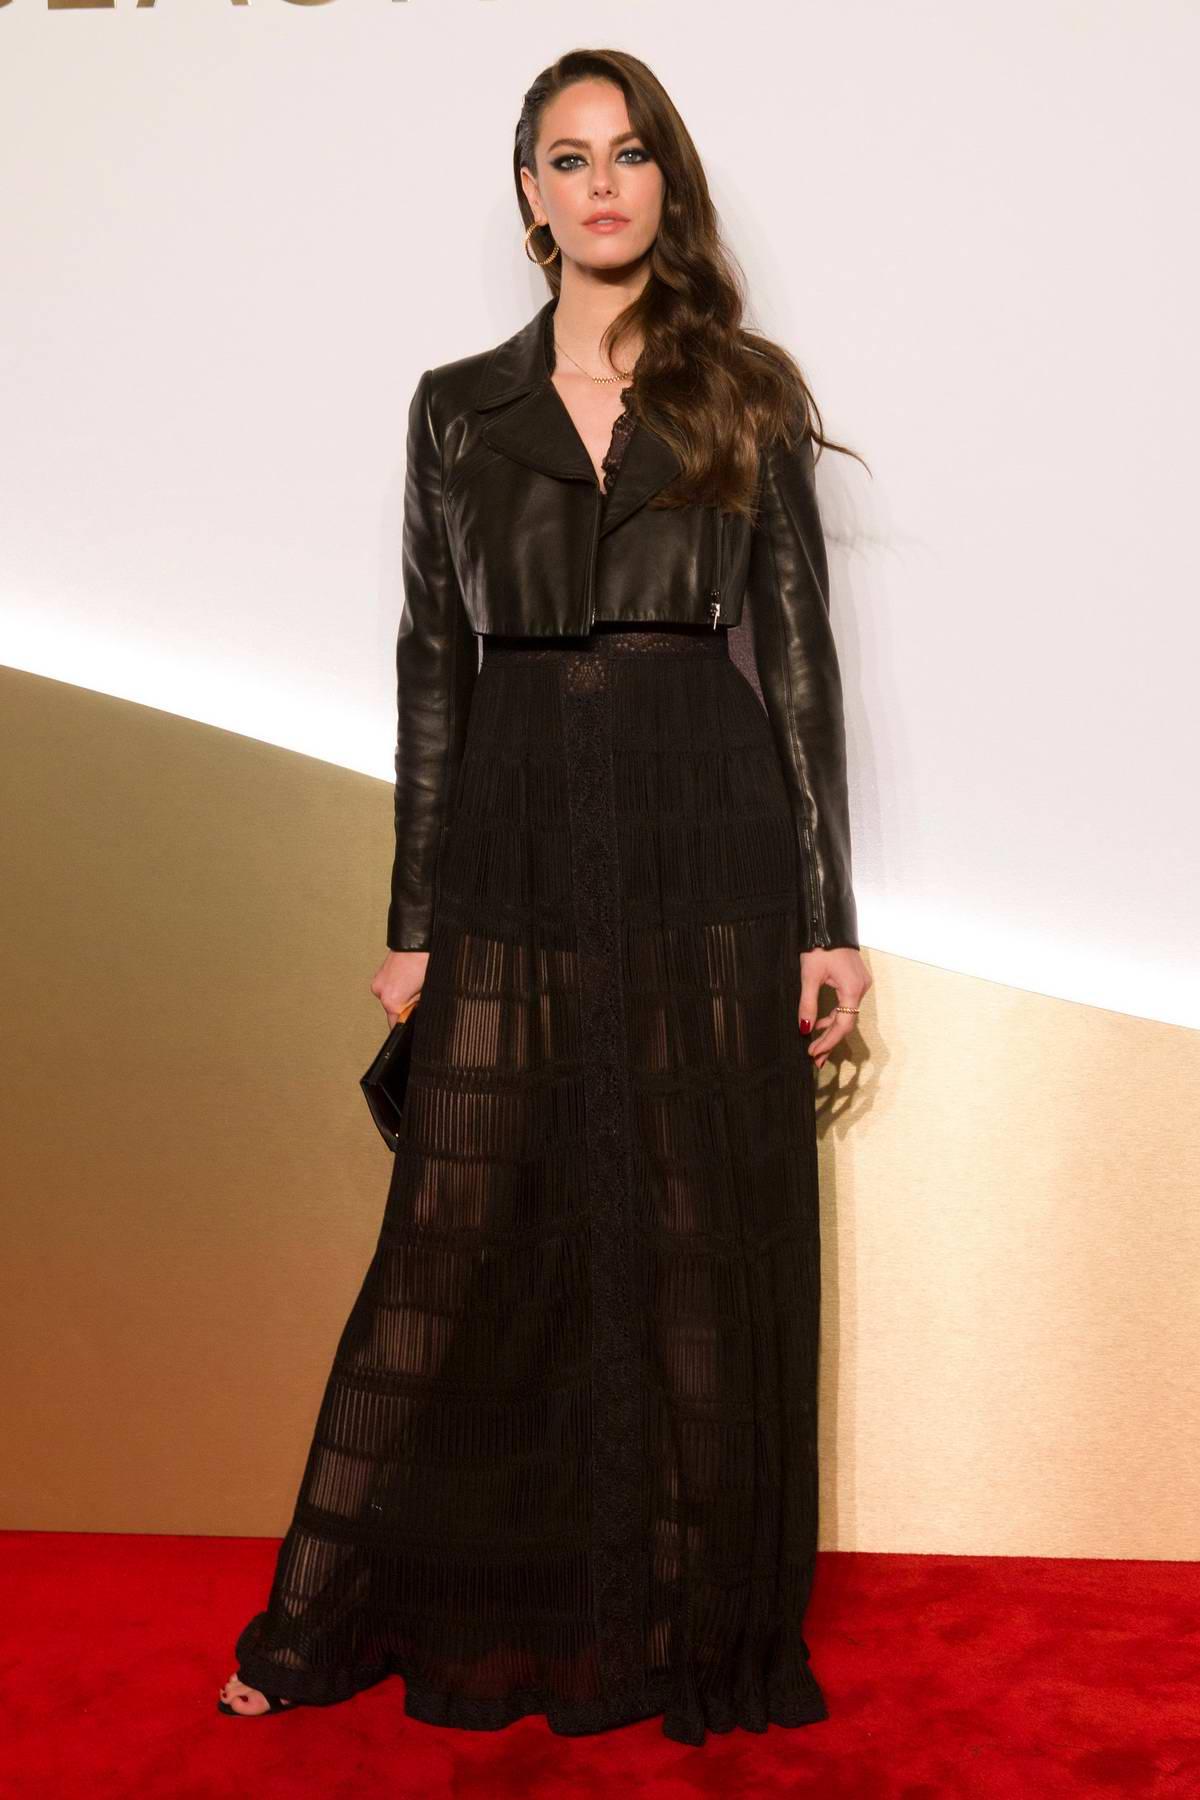 Kaya Scodelario attends Clash De Cartier Photocall at La Conciergerie in Paris, France